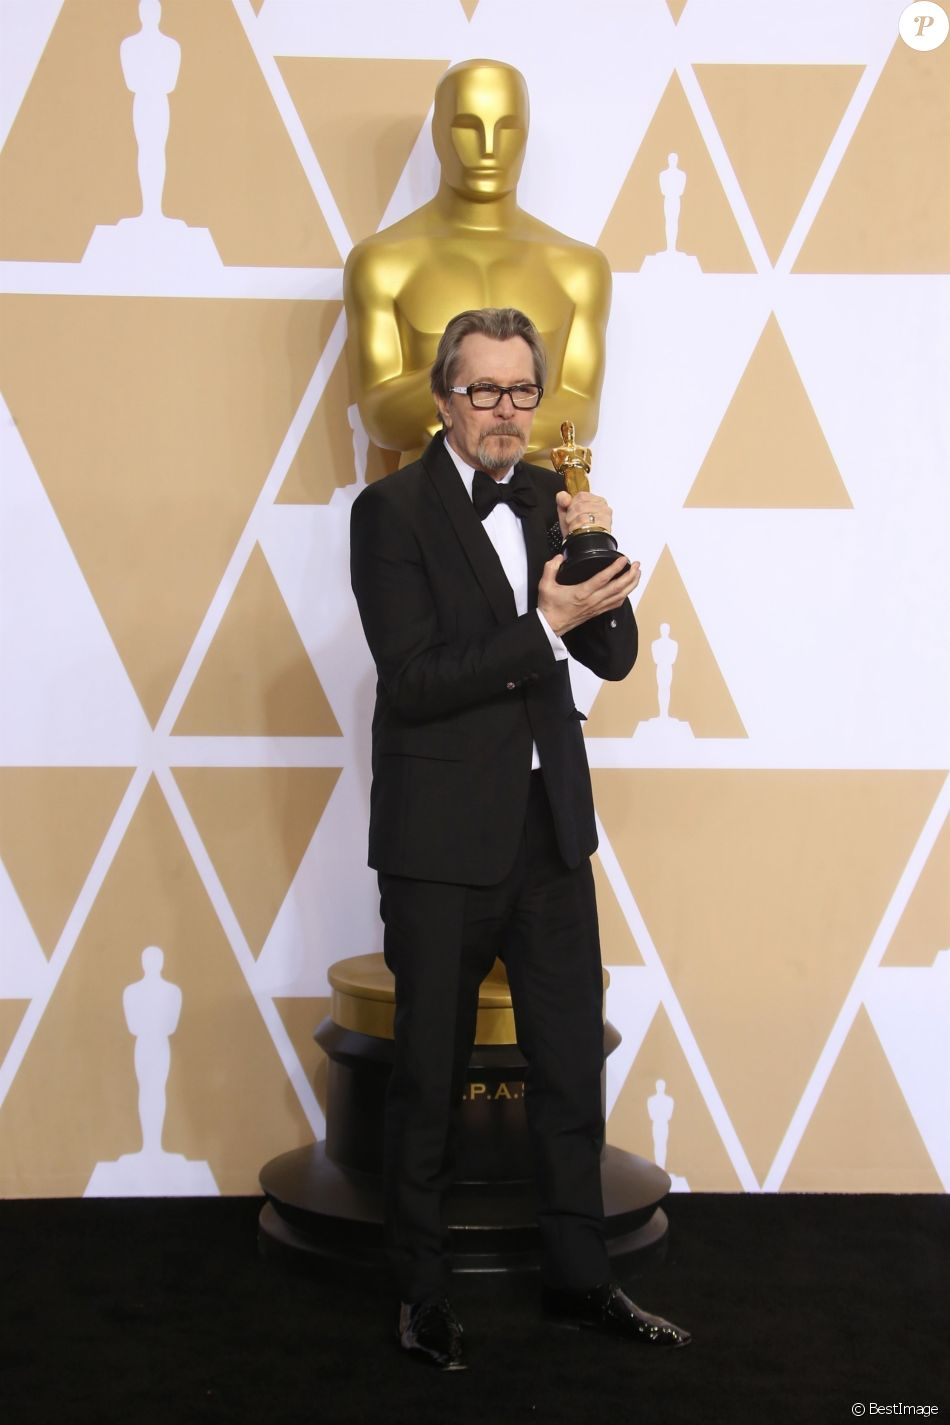 Gary Oldman (Oscar du meilleur acteur pour 'Les heures sombres') à la press room de la 90ème cérémonie des Oscars 2018 au théâtre Dolby à Los Angeles, le 4 mars 2018